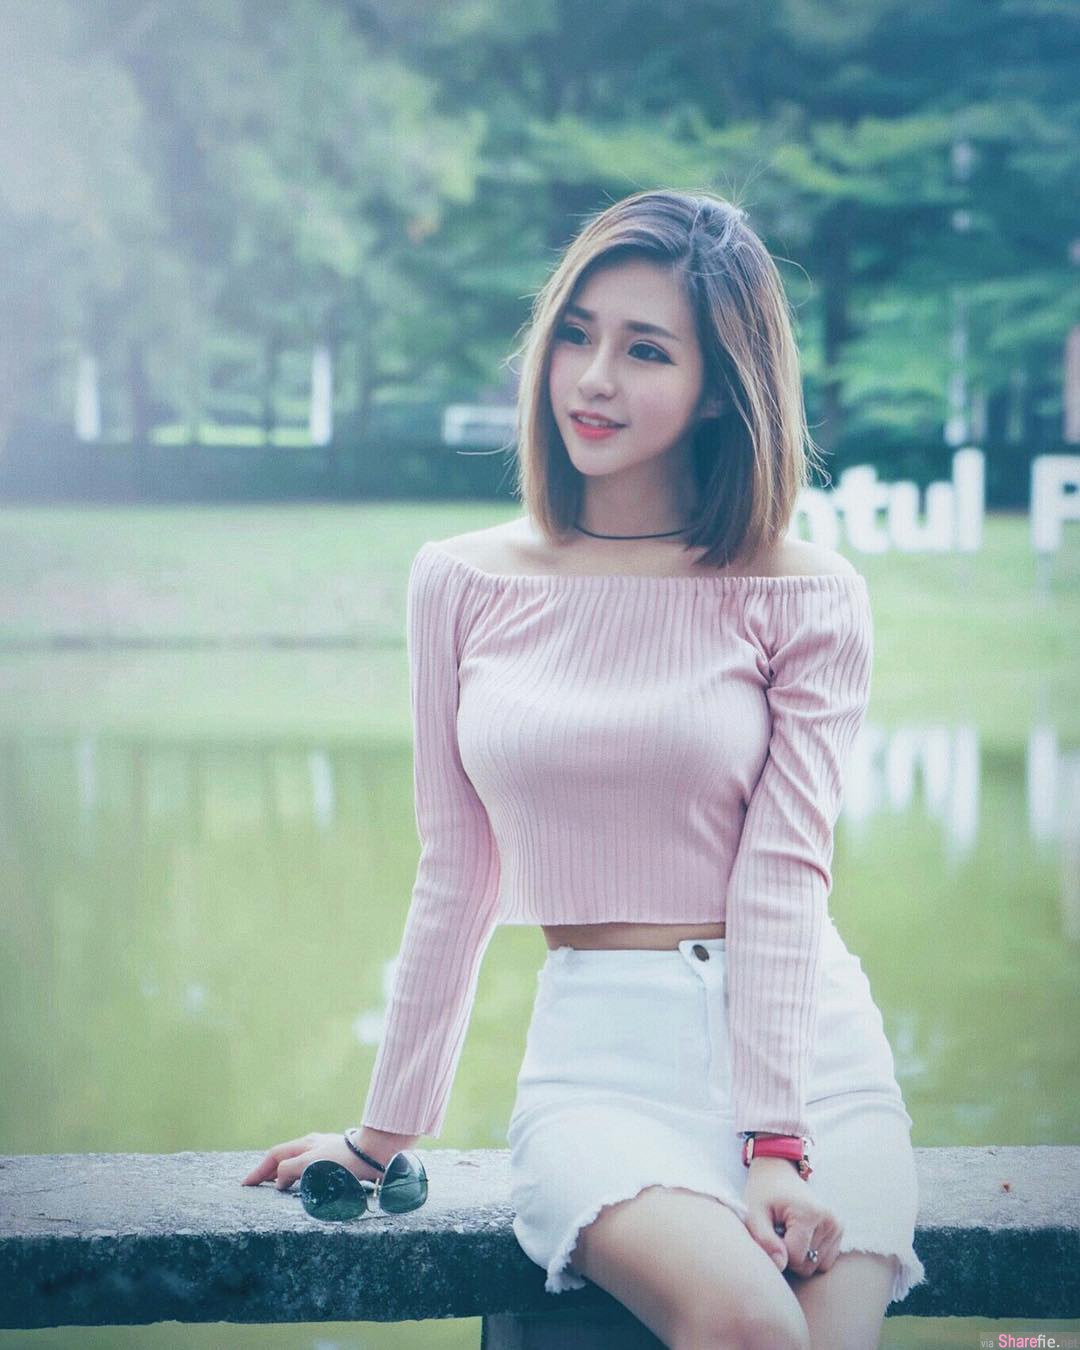 大马正妹Mango Liew,女神般颜值让人一秒就爱上她